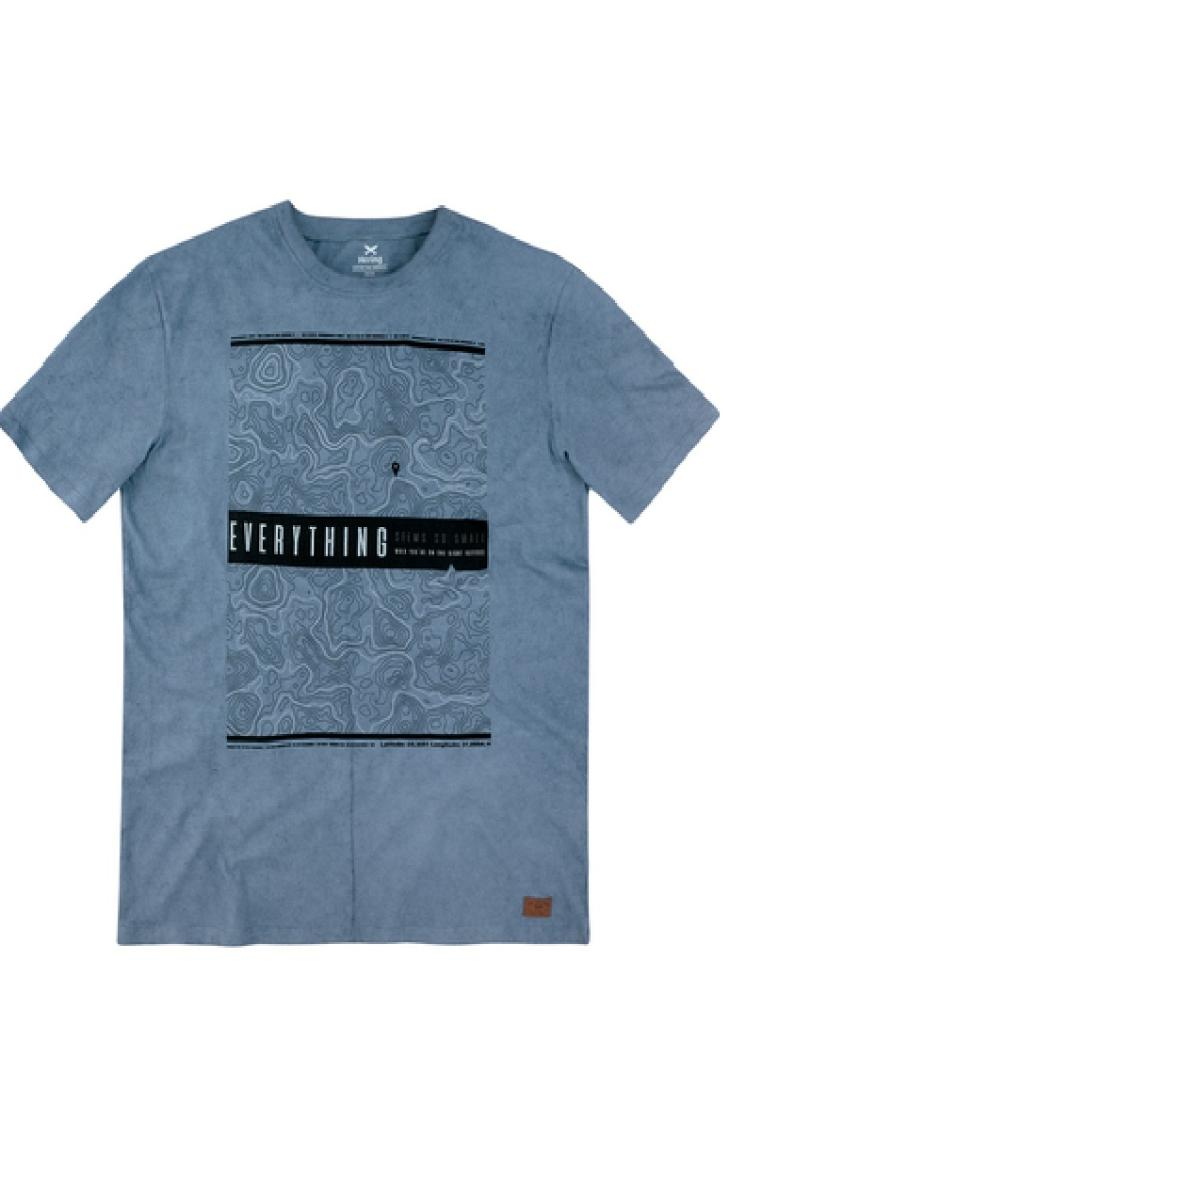 Camiseta Masculina Hering 4erv 1xen Azul Jeans